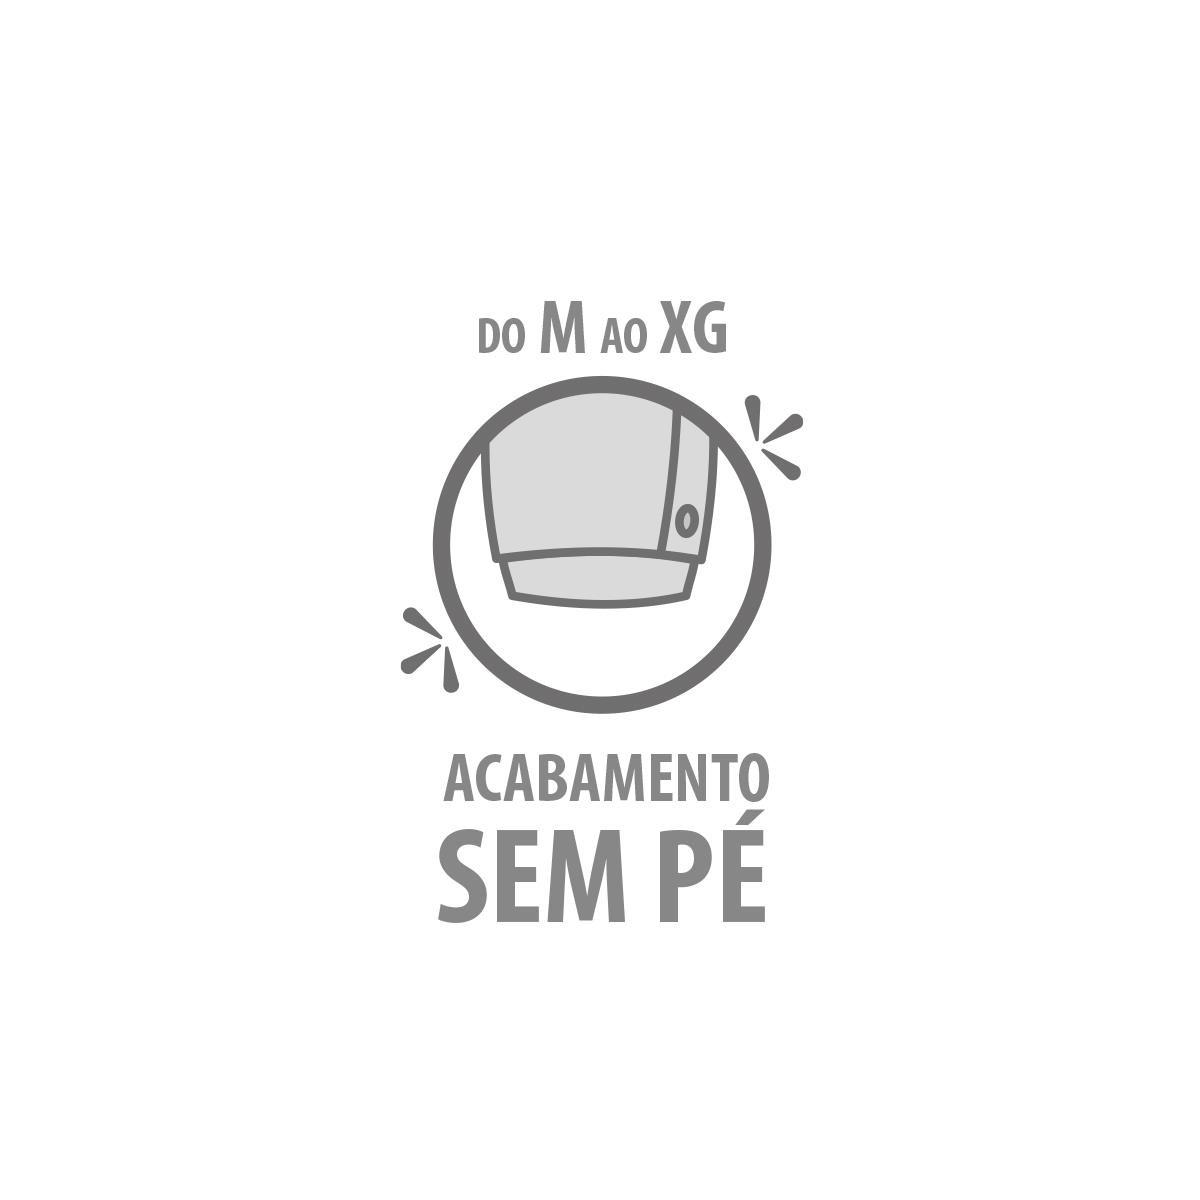 Macacão Plush Feminino Oncinha - Tamanhos RN e P com pezinho; M, G e XG sem pezinho  - Piu Blu